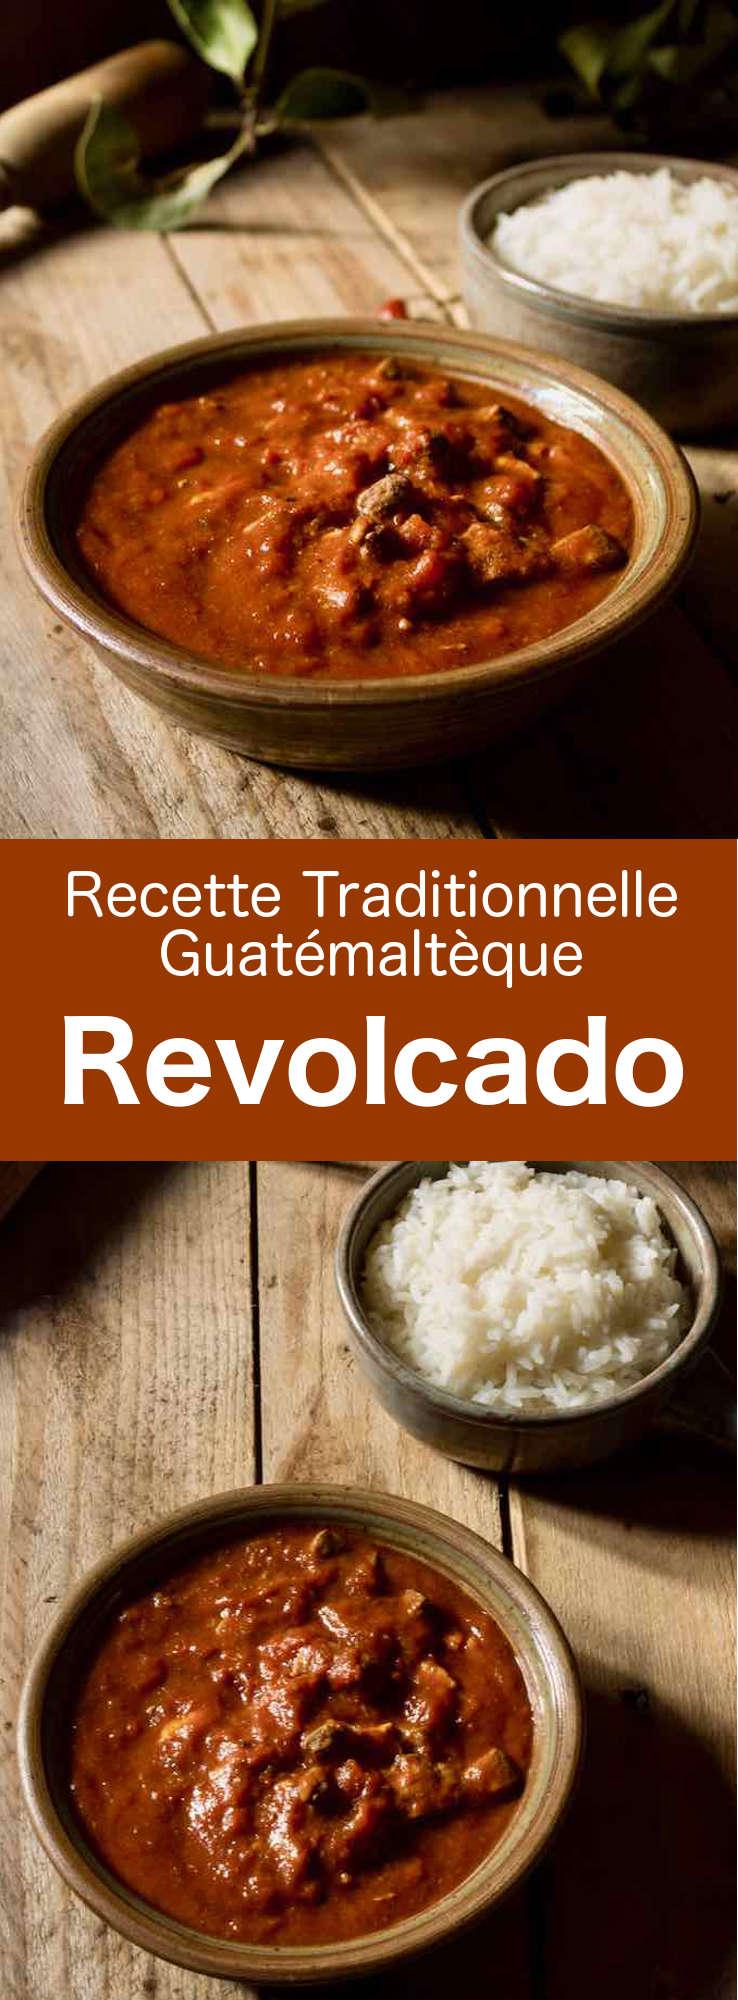 Le revolcado est un succulent plat guatémaltèque qui se prépare avec de la tête de porc et des abats, cuits dans une sauce épicée à base de tomates. #Guatemala #CuisineGuatemalteque #AmeriqueCentrale #CuisineDuMonde #196flavors